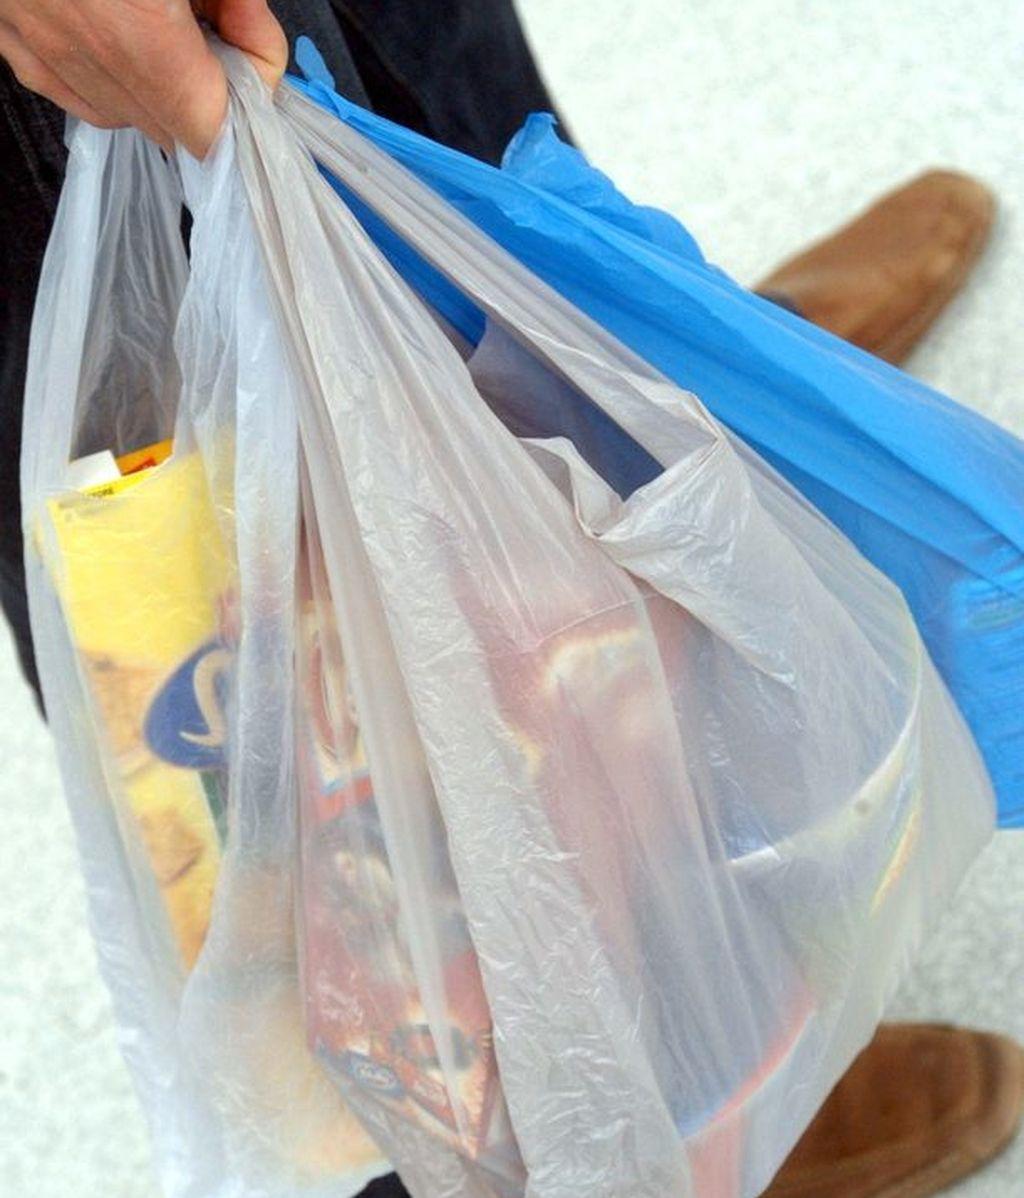 Las bolsas desaparecerán en 2018 con la aprobación de la Ley de Residuos y Suelos Contaminados.